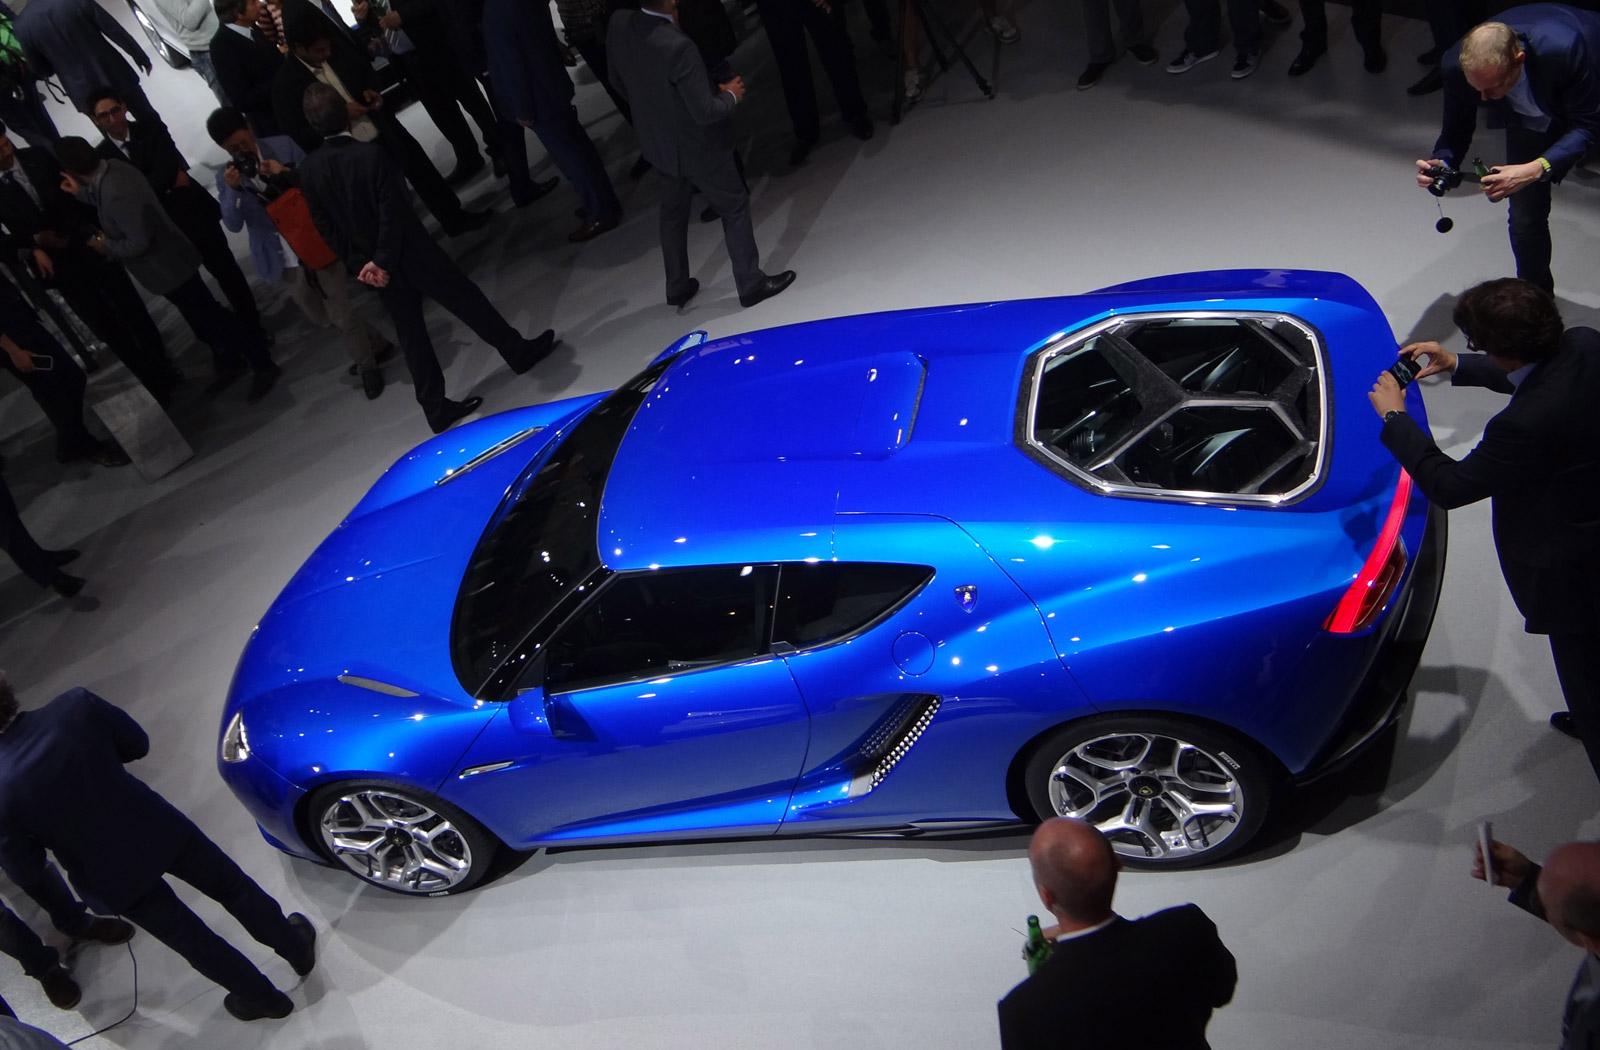 Lamborghini Bringing Production-Bound Hybrid Supercar To ...